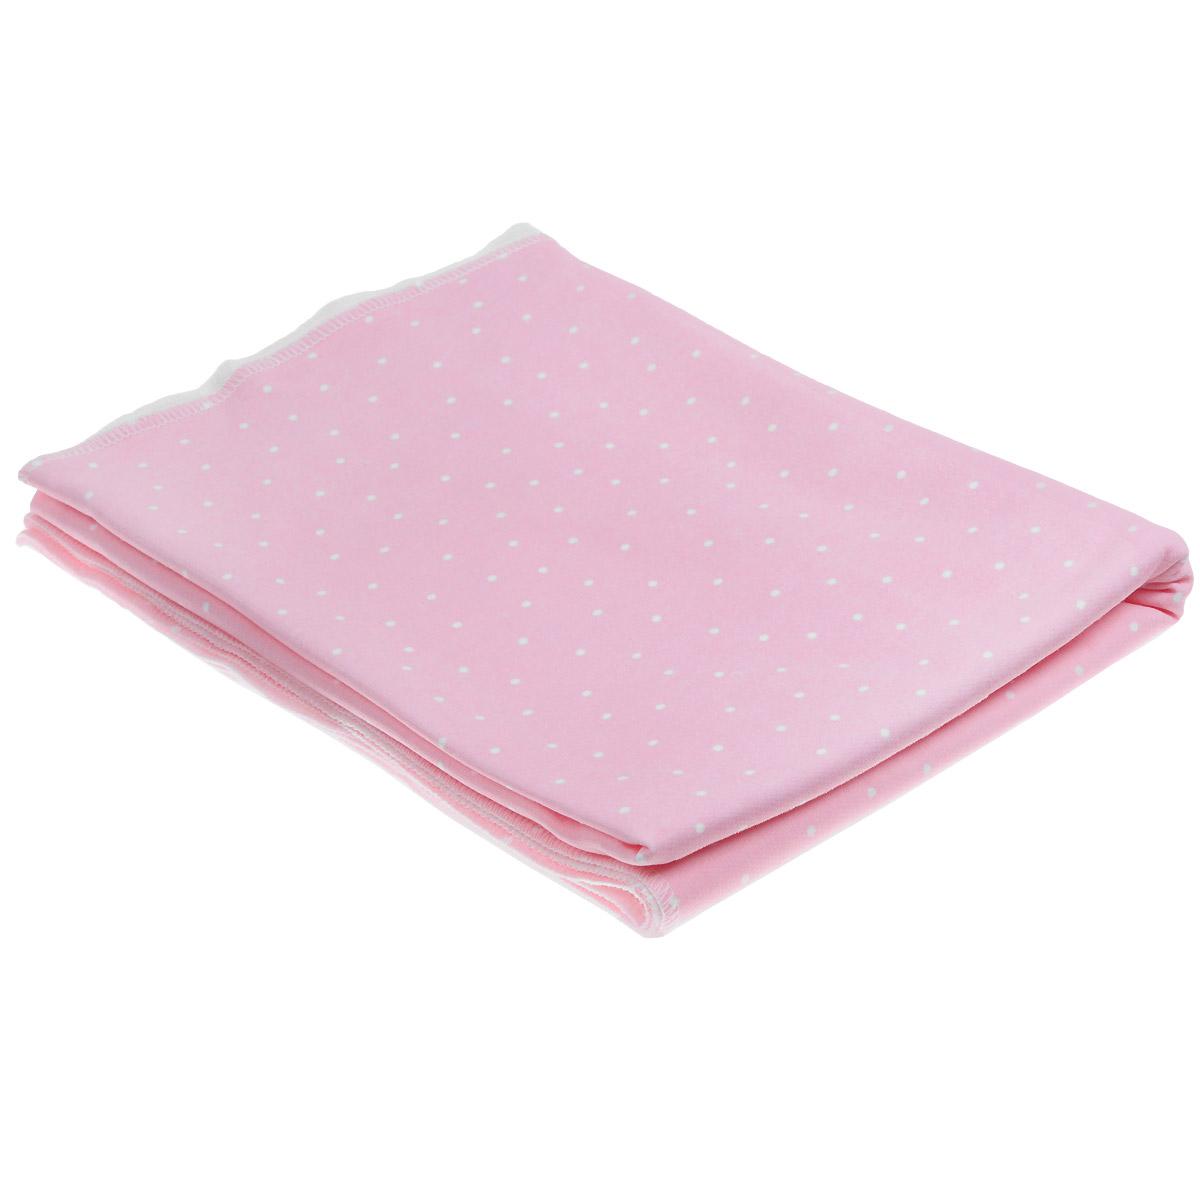 """Пеленка трикотажная """"Трон-плюс"""", цвет: розовый, белый, 120 см х 90 см"""